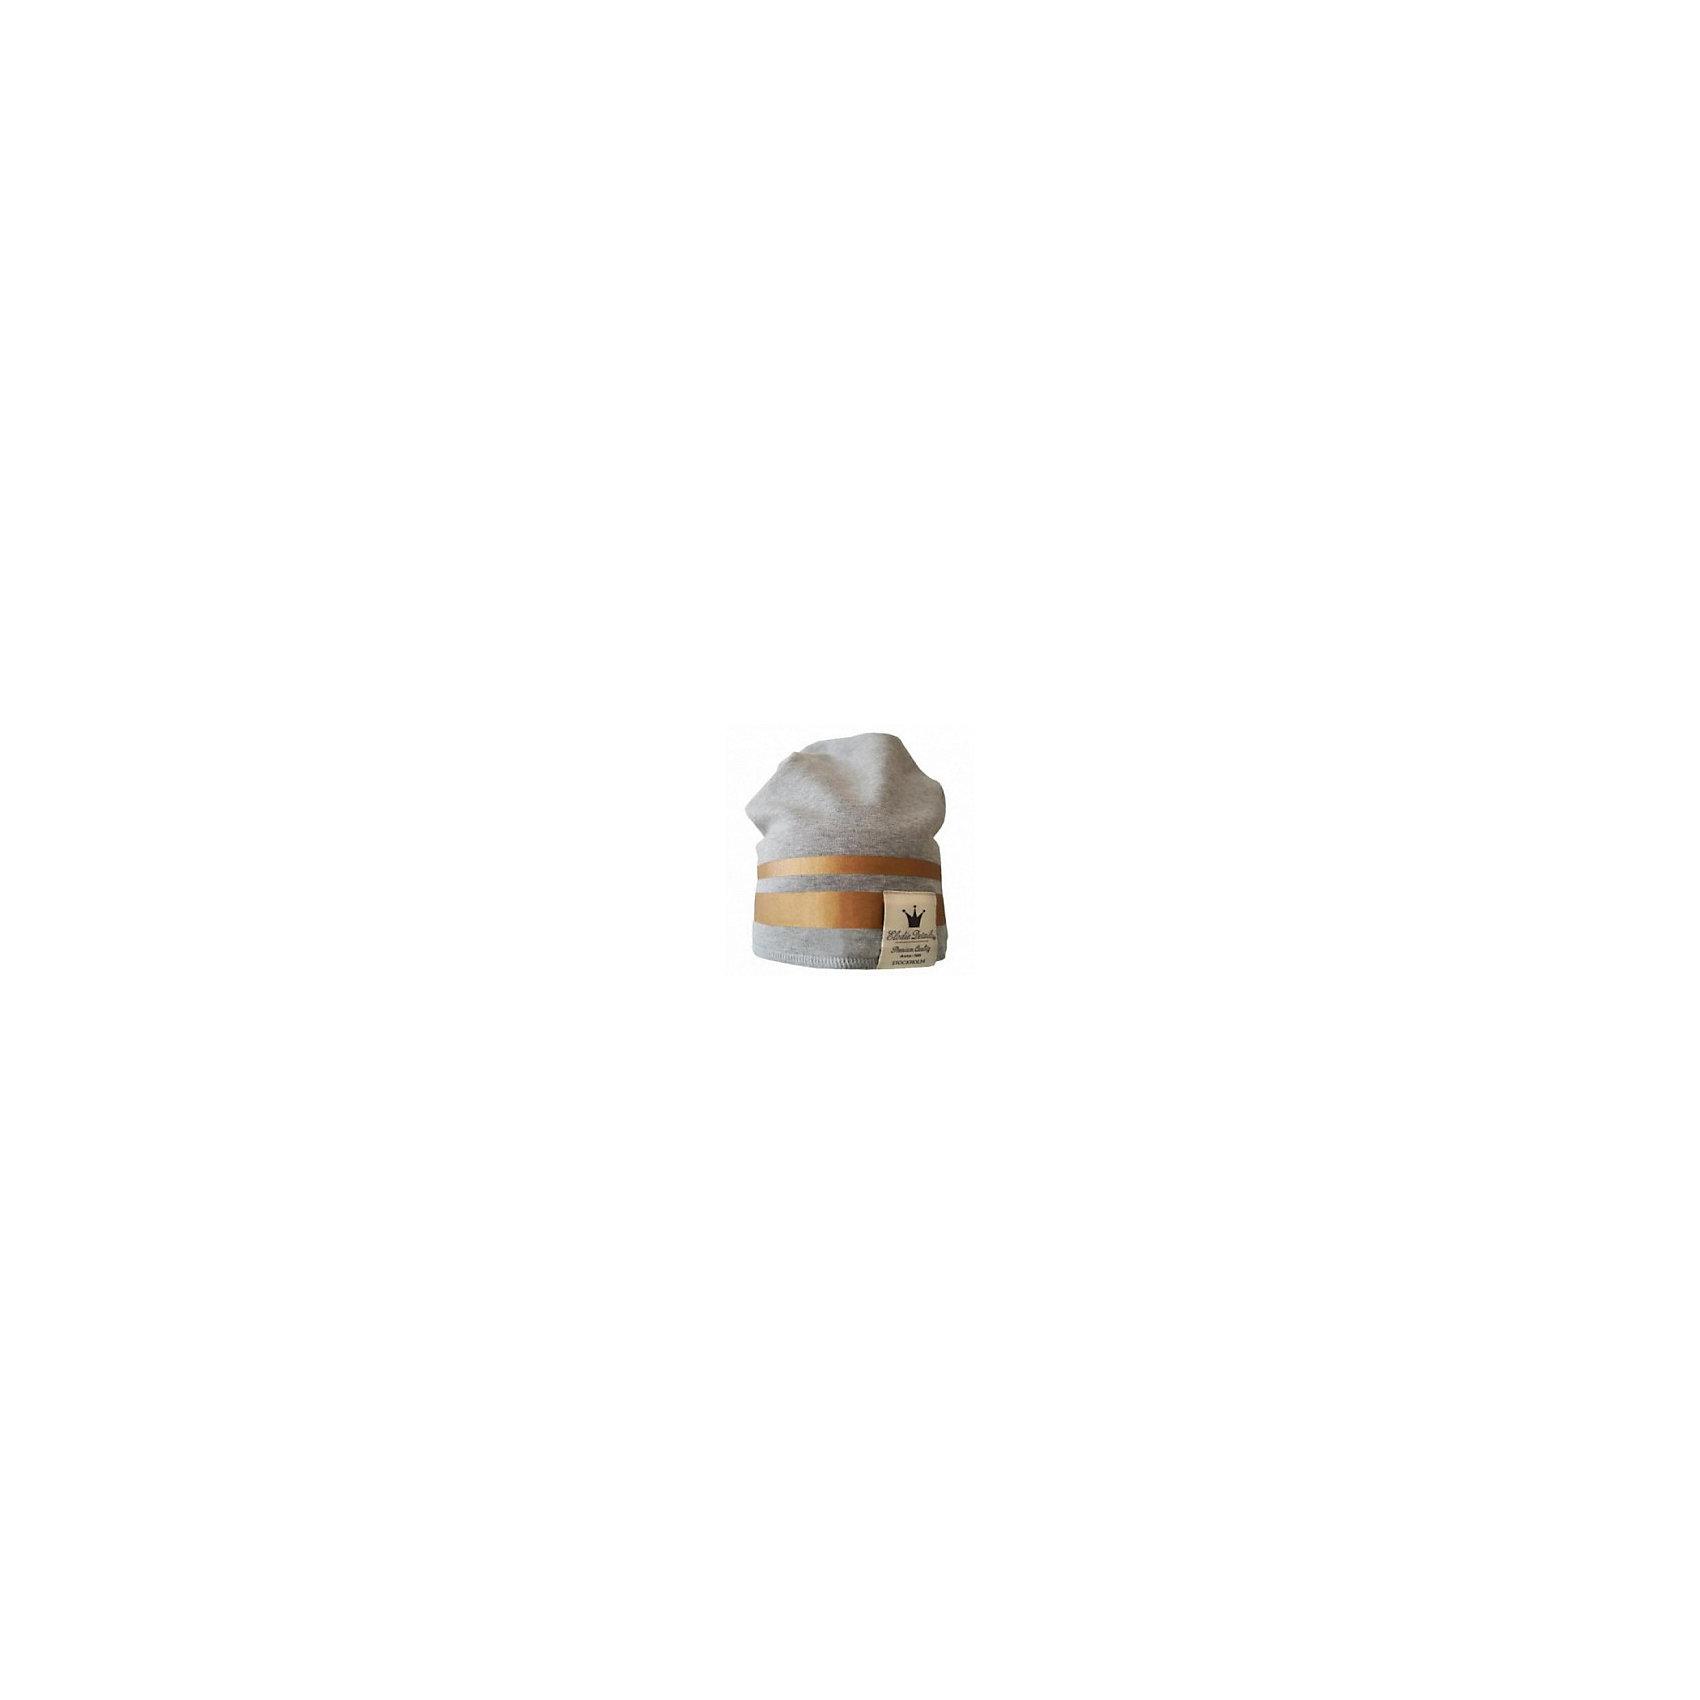 Шапка Beanie - Gilded Grey  р. 0-6 мес., Elodie DetailsШапка Elodie Details;  Стильная шапочка-бини из коллекции Серый с позолотой сочетает в себе строгую элегантность графитового оттенка с ярким золотым акцентом. Шапочка подходят для ранней весны и поздней осени.;Тщательно продуманный состав ткани - мягкий хлопок в сочетании с modal делают ее необыкновенно мягкой и хорошо поглощающей влагу.;;В области ушек шапочка имеет двойной слой.;Шапочка отлично;тянется и;при этом хорошо держит форму.; ; ;0-6 месяцев – для объема головы от 38 до 42 см; ;6-12 месяцев – для объема головы от 41 до 45 см; 12-24 месяца - для объема головы от;46 до 48 см; ;24-36 месяцев -;для объема головы от;48 до 50 см;<br><br>Ширина мм: 19<br>Глубина мм: 0<br>Высота мм: 17<br>Вес г: 35<br>Возраст от месяцев: 0<br>Возраст до месяцев: 6<br>Пол: Унисекс<br>Возраст: Детский<br>SKU: 4966124